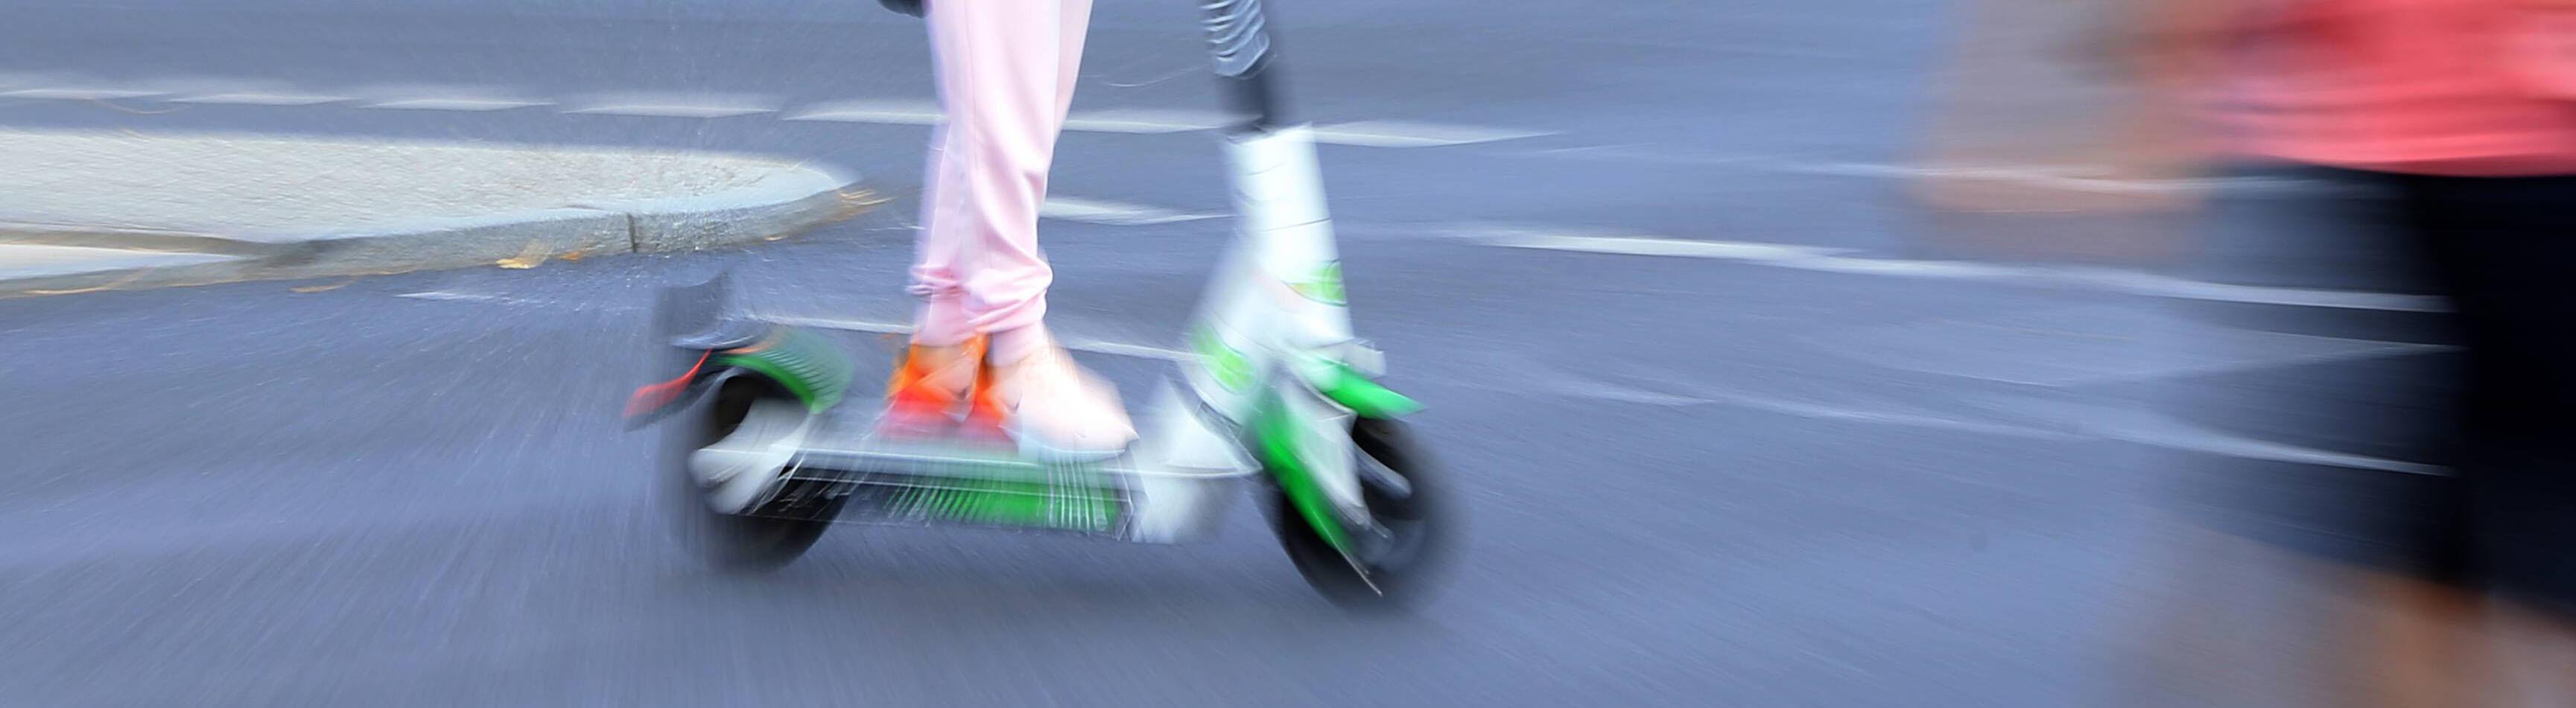 Fraua auf E-Scooter